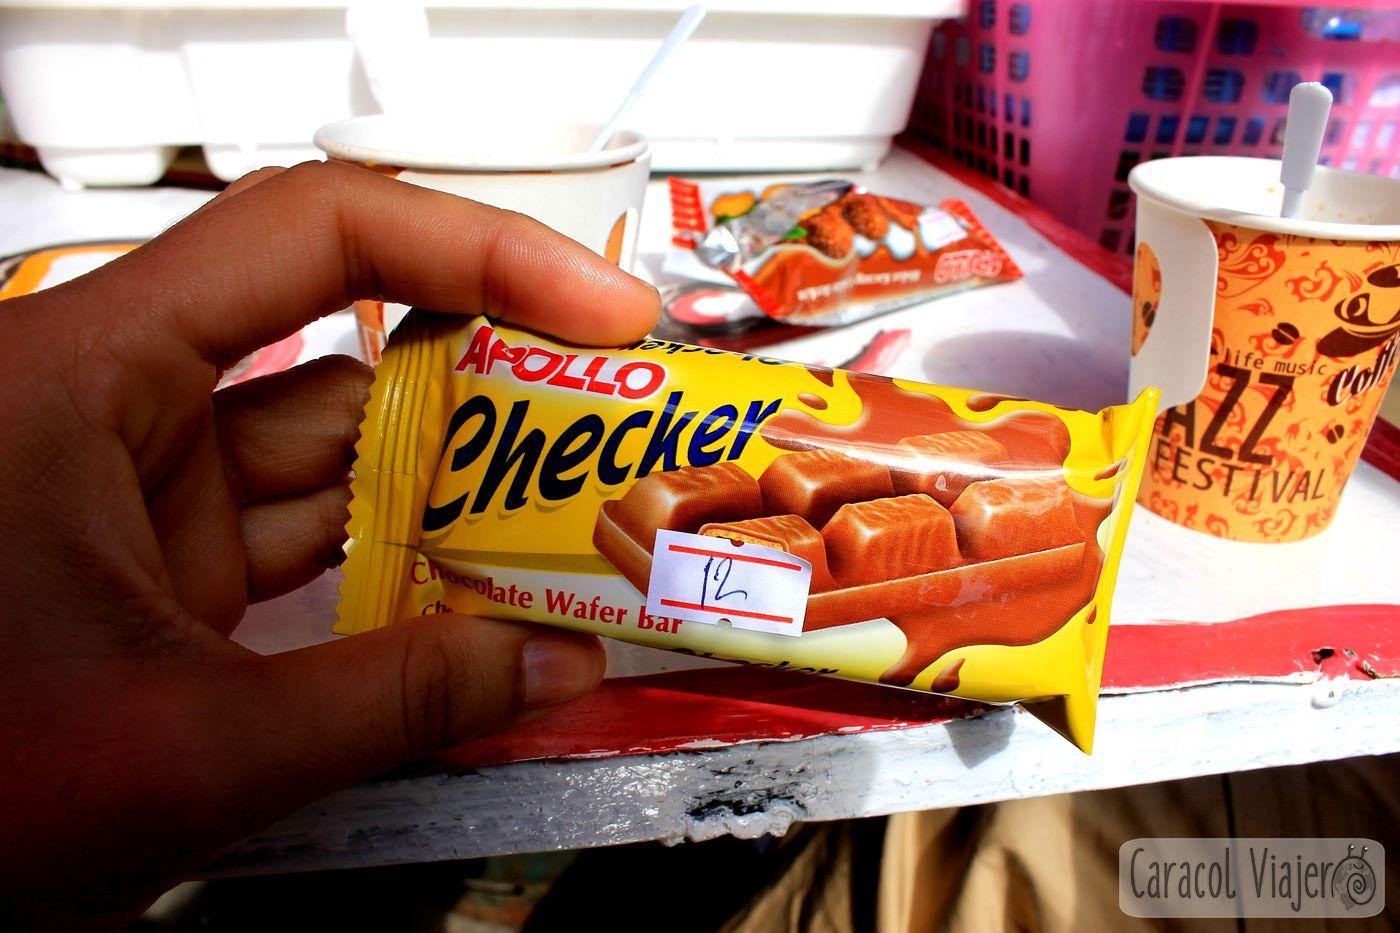 Chocolate en Tailandia - 12 bahts